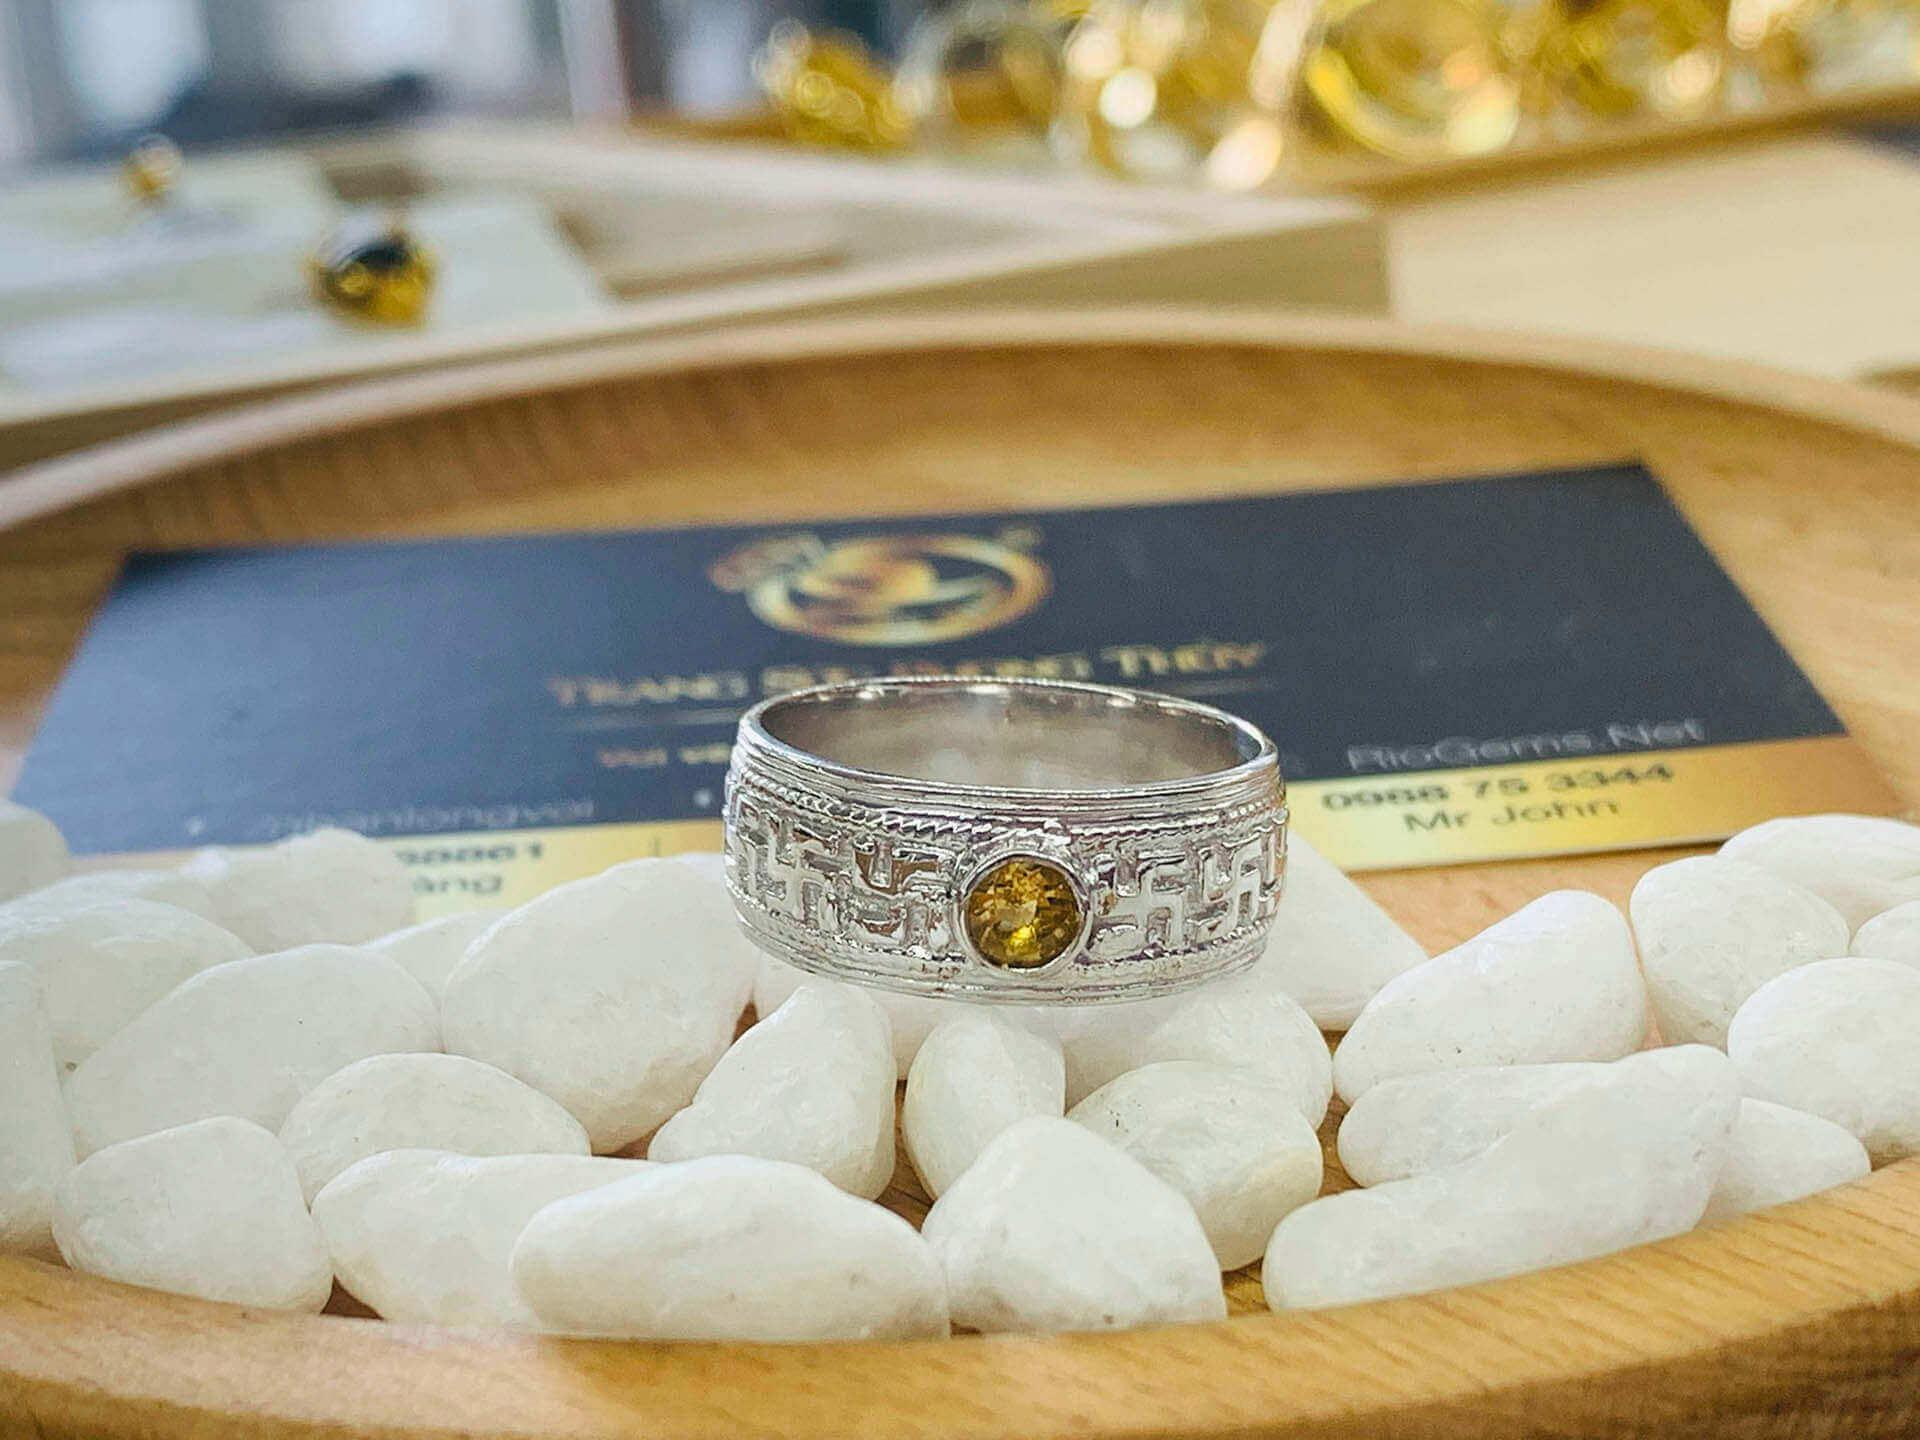 NHẪN chữ Vạn NỔI vàng trắng 18K đính Citrine mang nét đặc trưng của Riogems